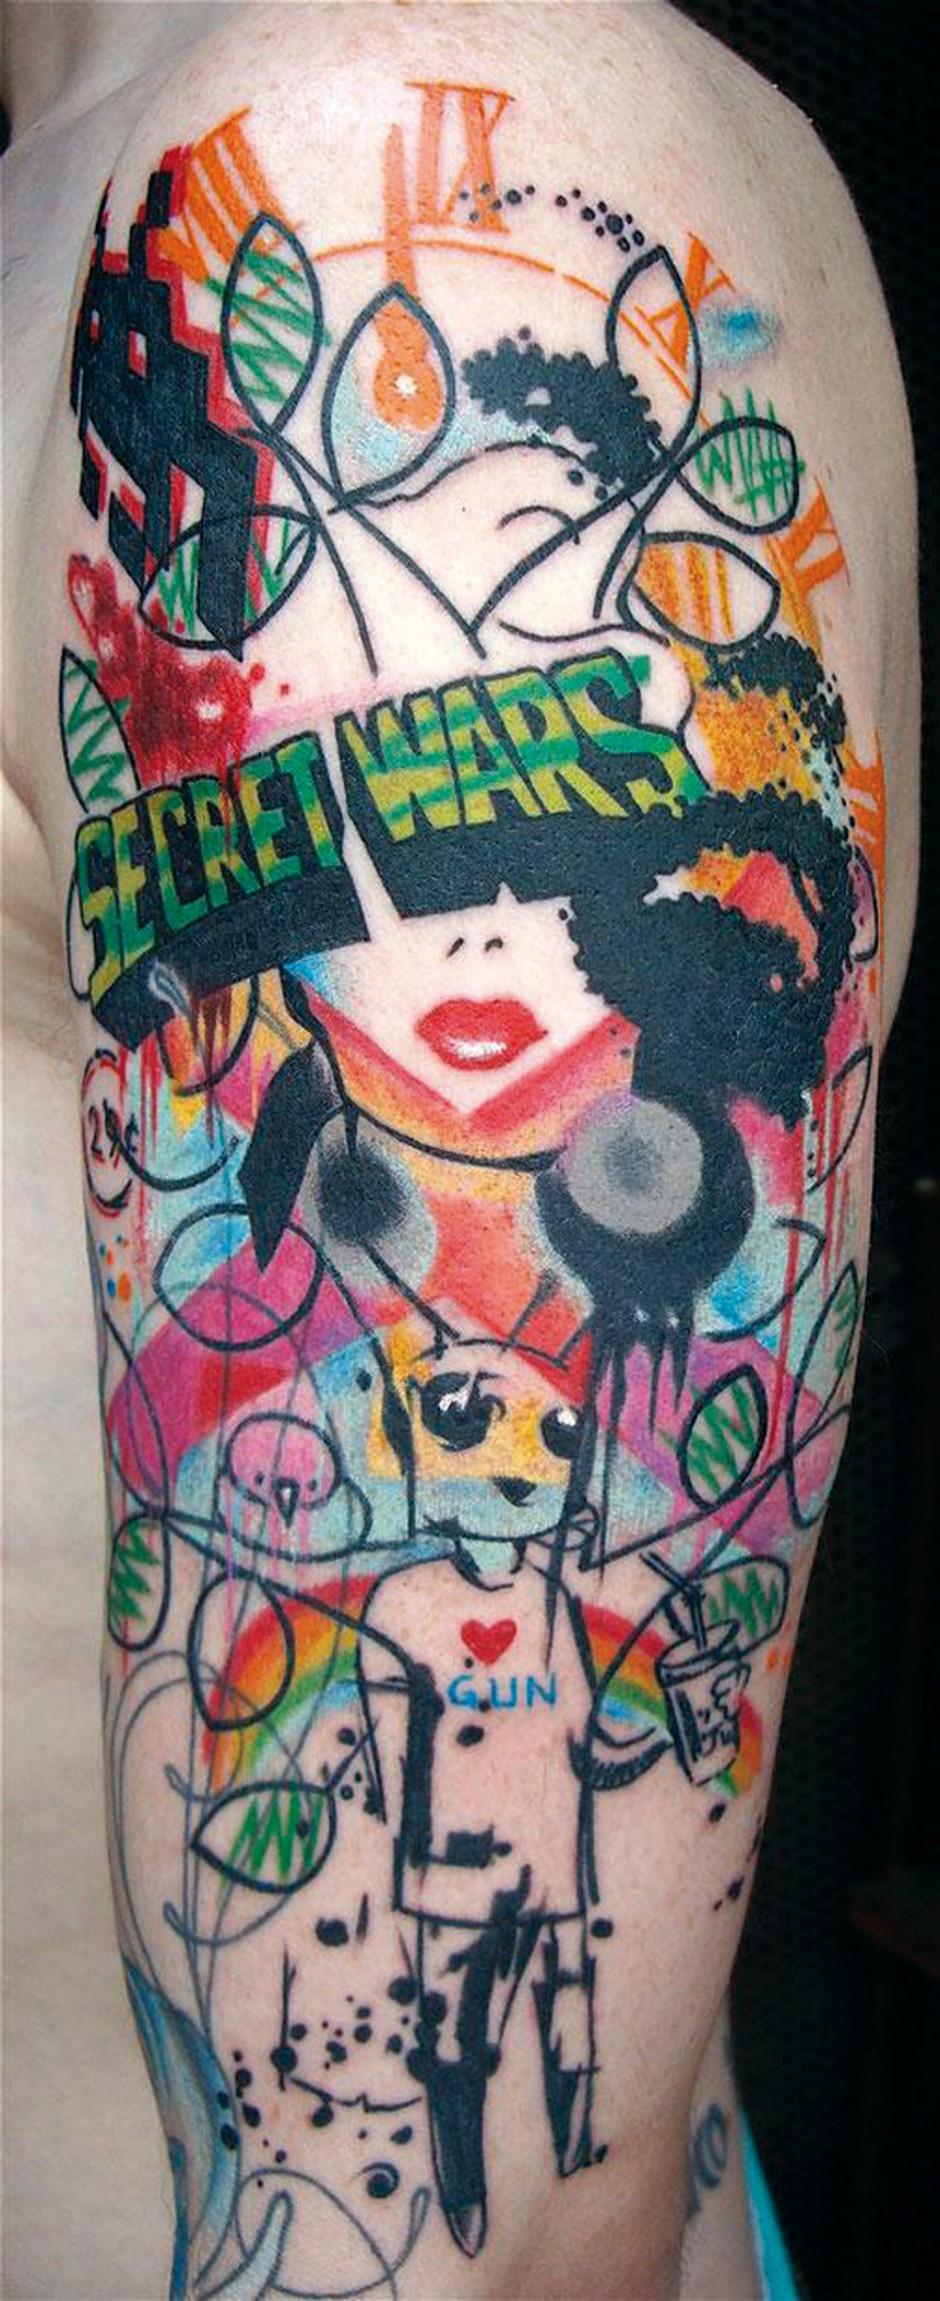 Jef, www.boucheriemoderne.be, aus dem Buch »Tattoo World« von Marisa Kakoulas & Michael Kaplan, erschienen bei Knesebeck